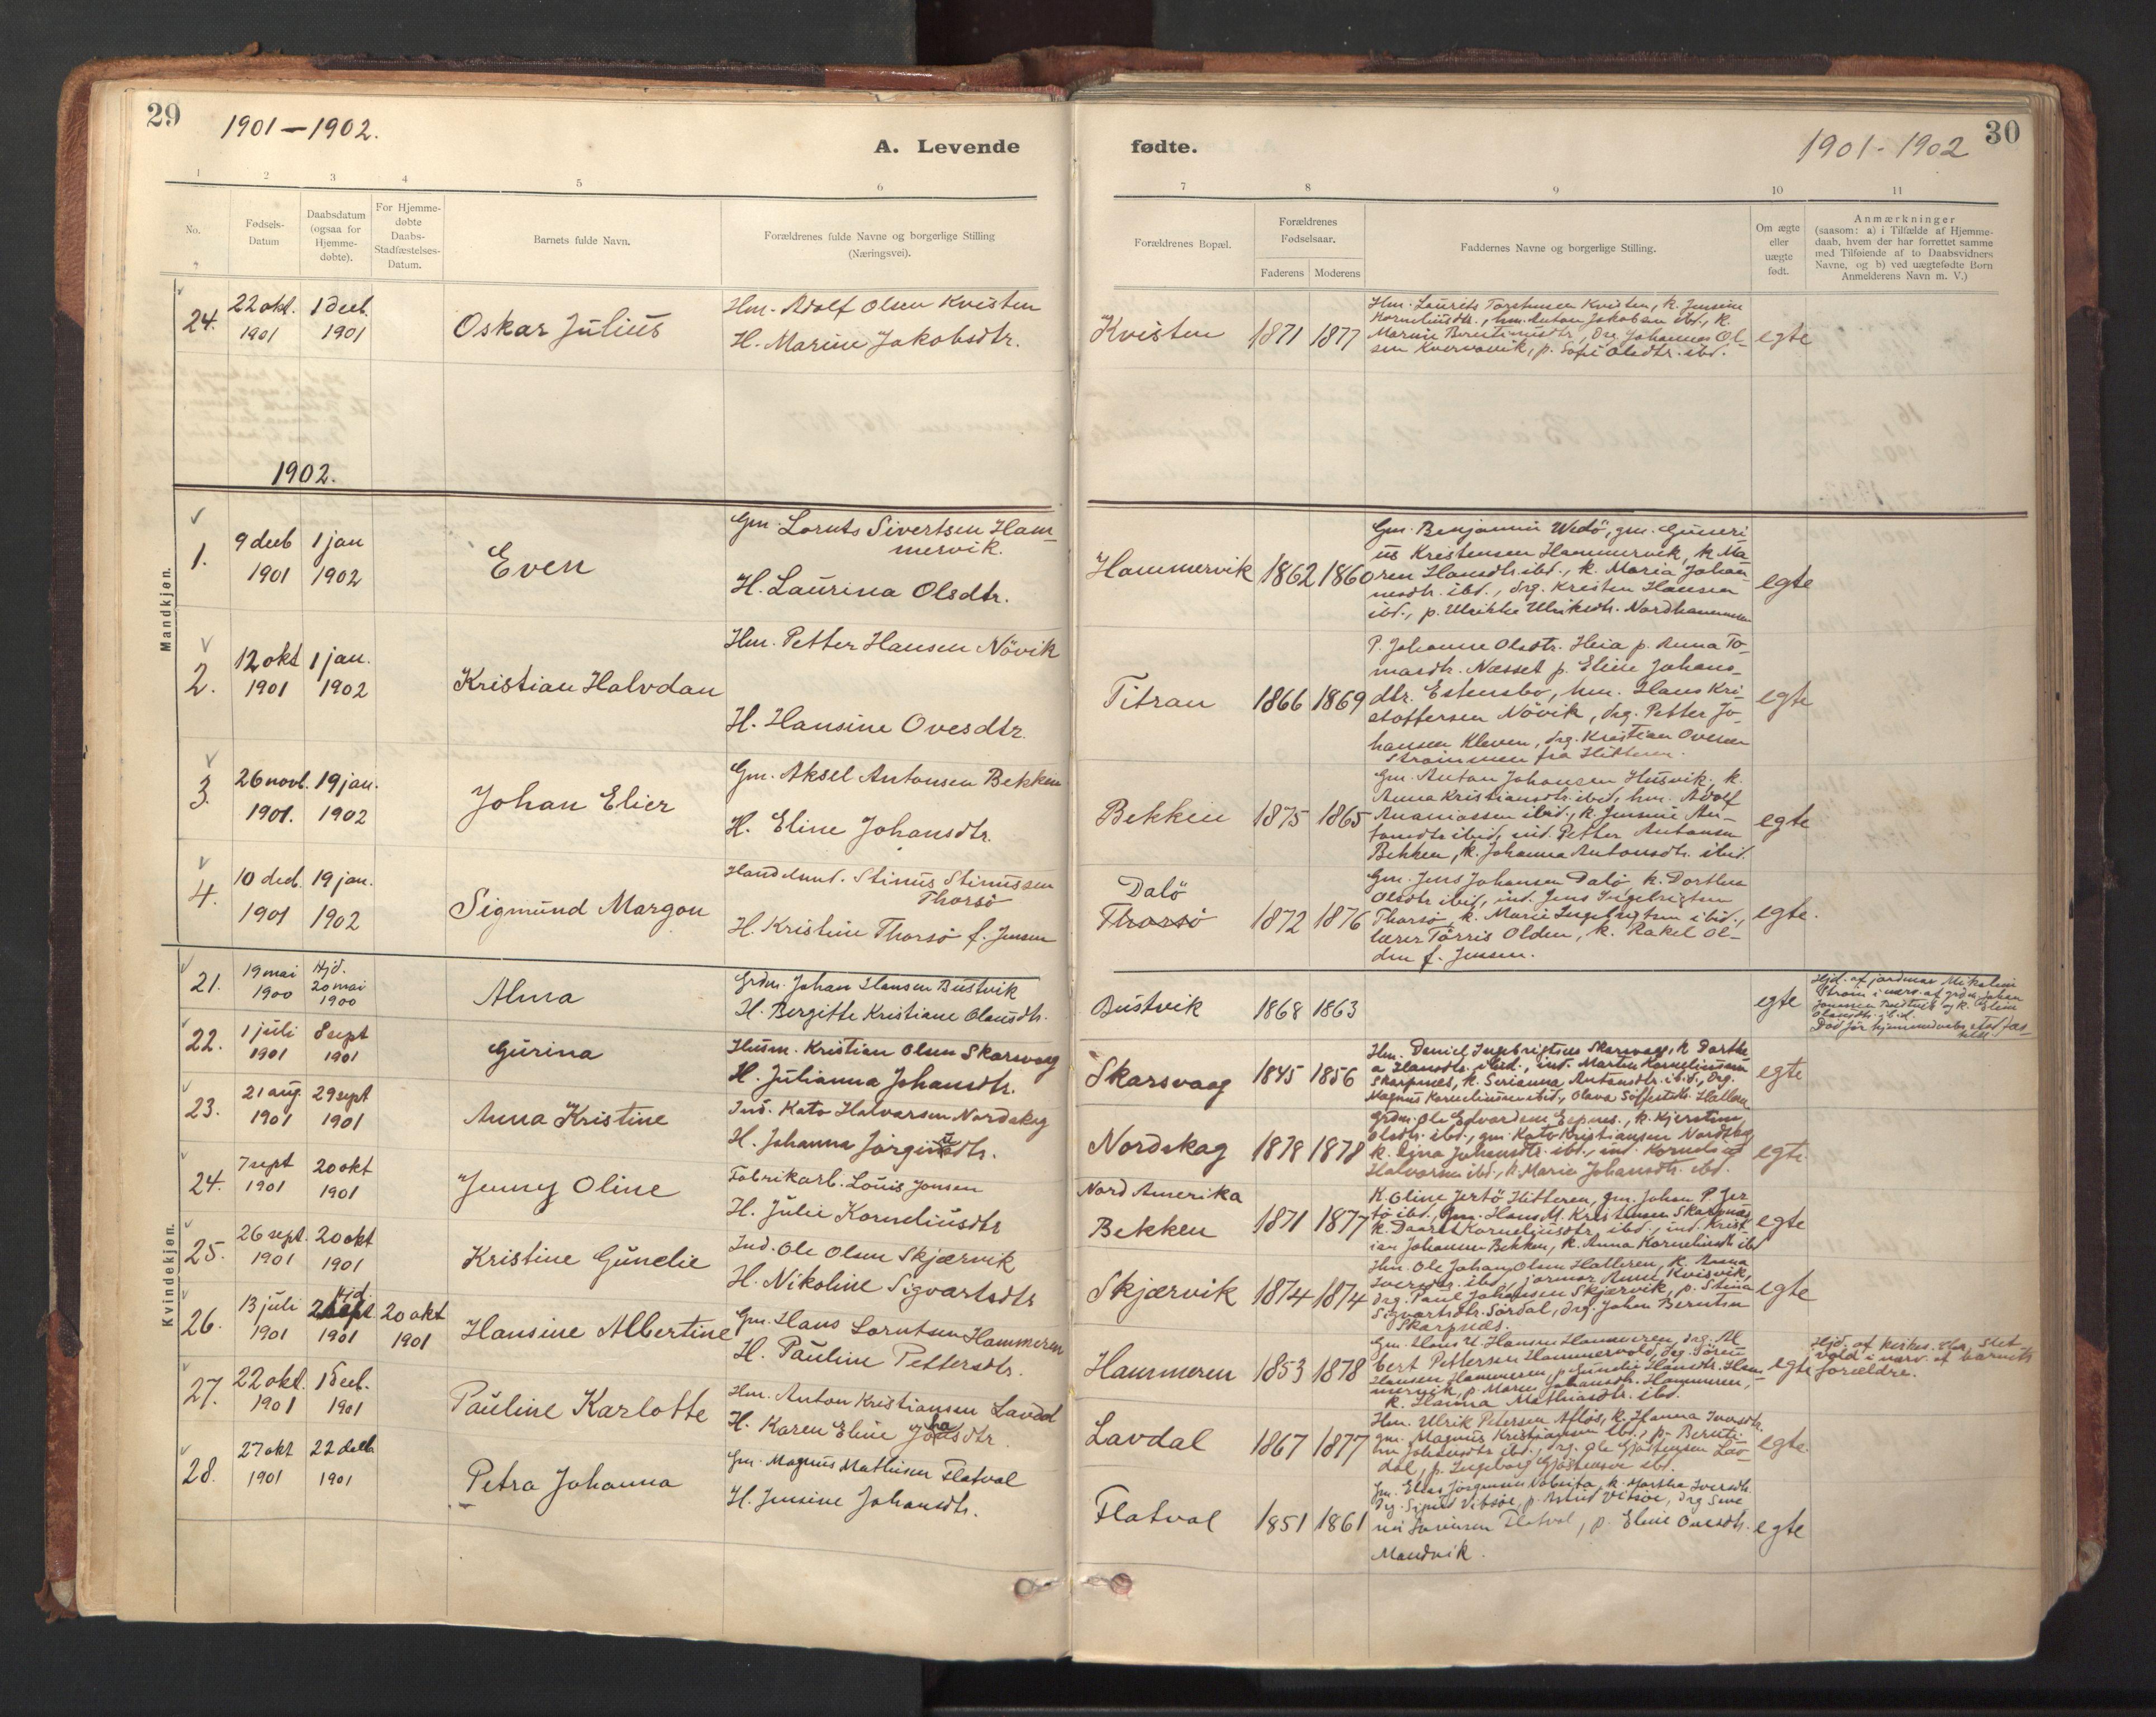 SAT, Ministerialprotokoller, klokkerbøker og fødselsregistre - Sør-Trøndelag, 641/L0596: Ministerialbok nr. 641A02, 1898-1915, s. 29-30